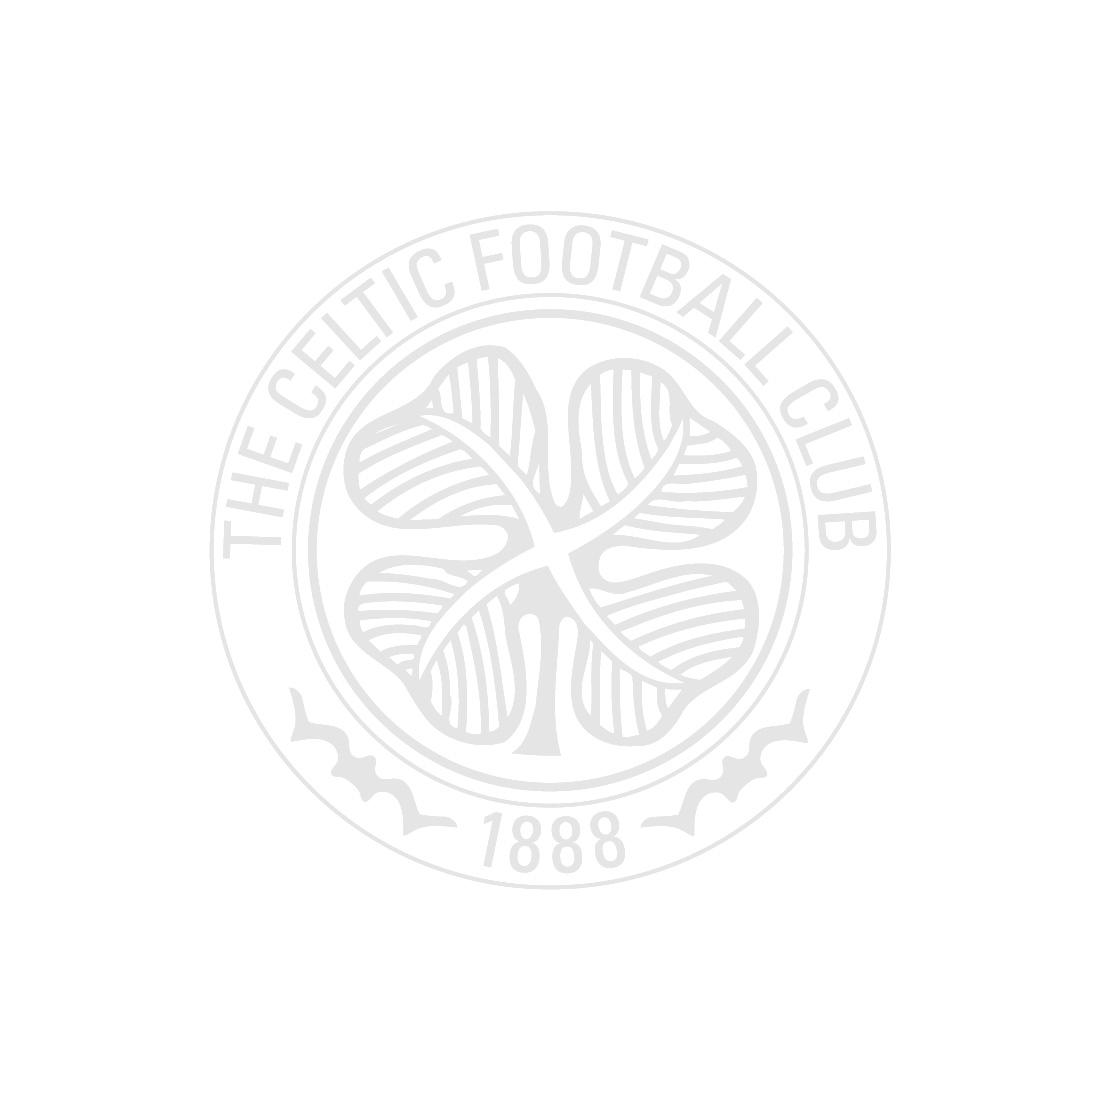 Celtic FC No 67 Marl T-shirt